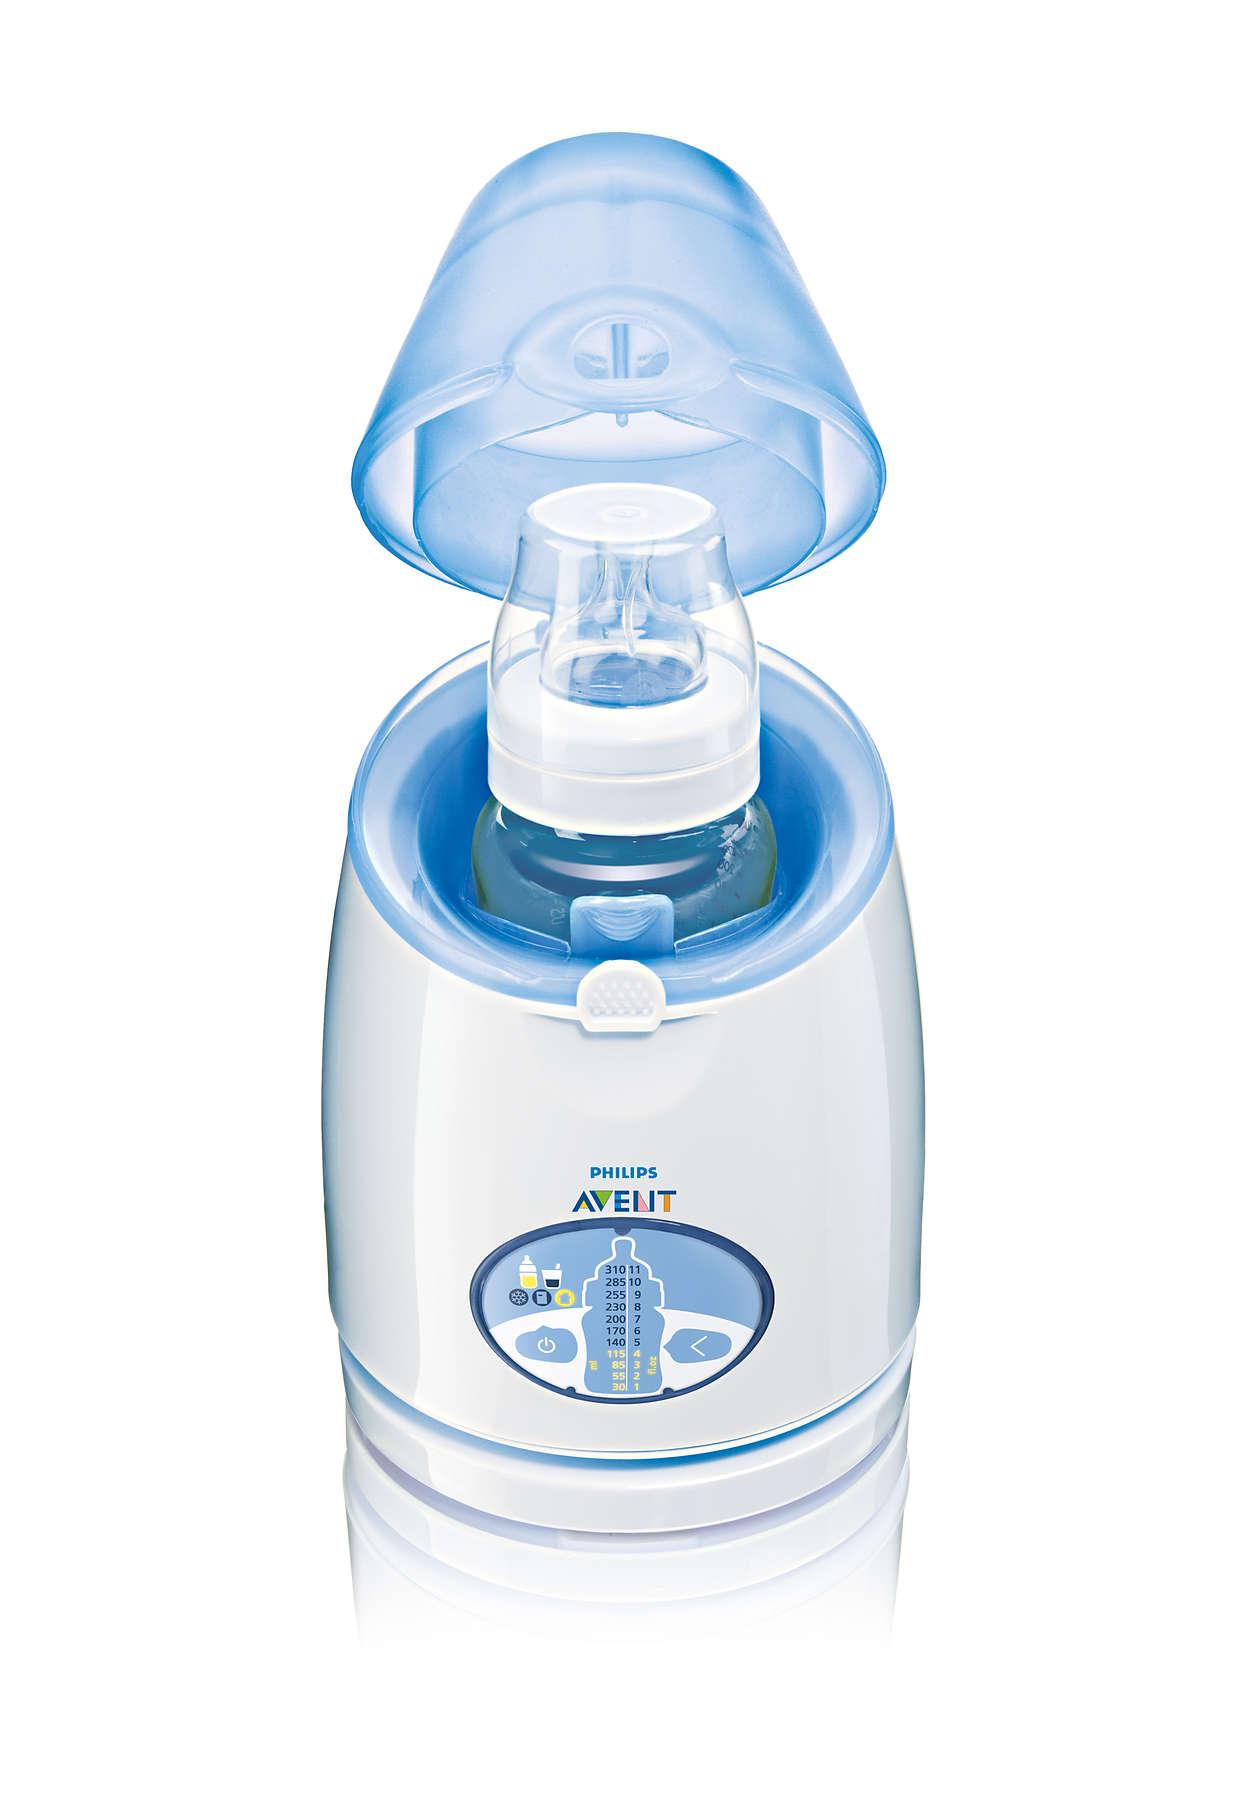 Per scaldare latte e pappe in modo veloce e intelligente